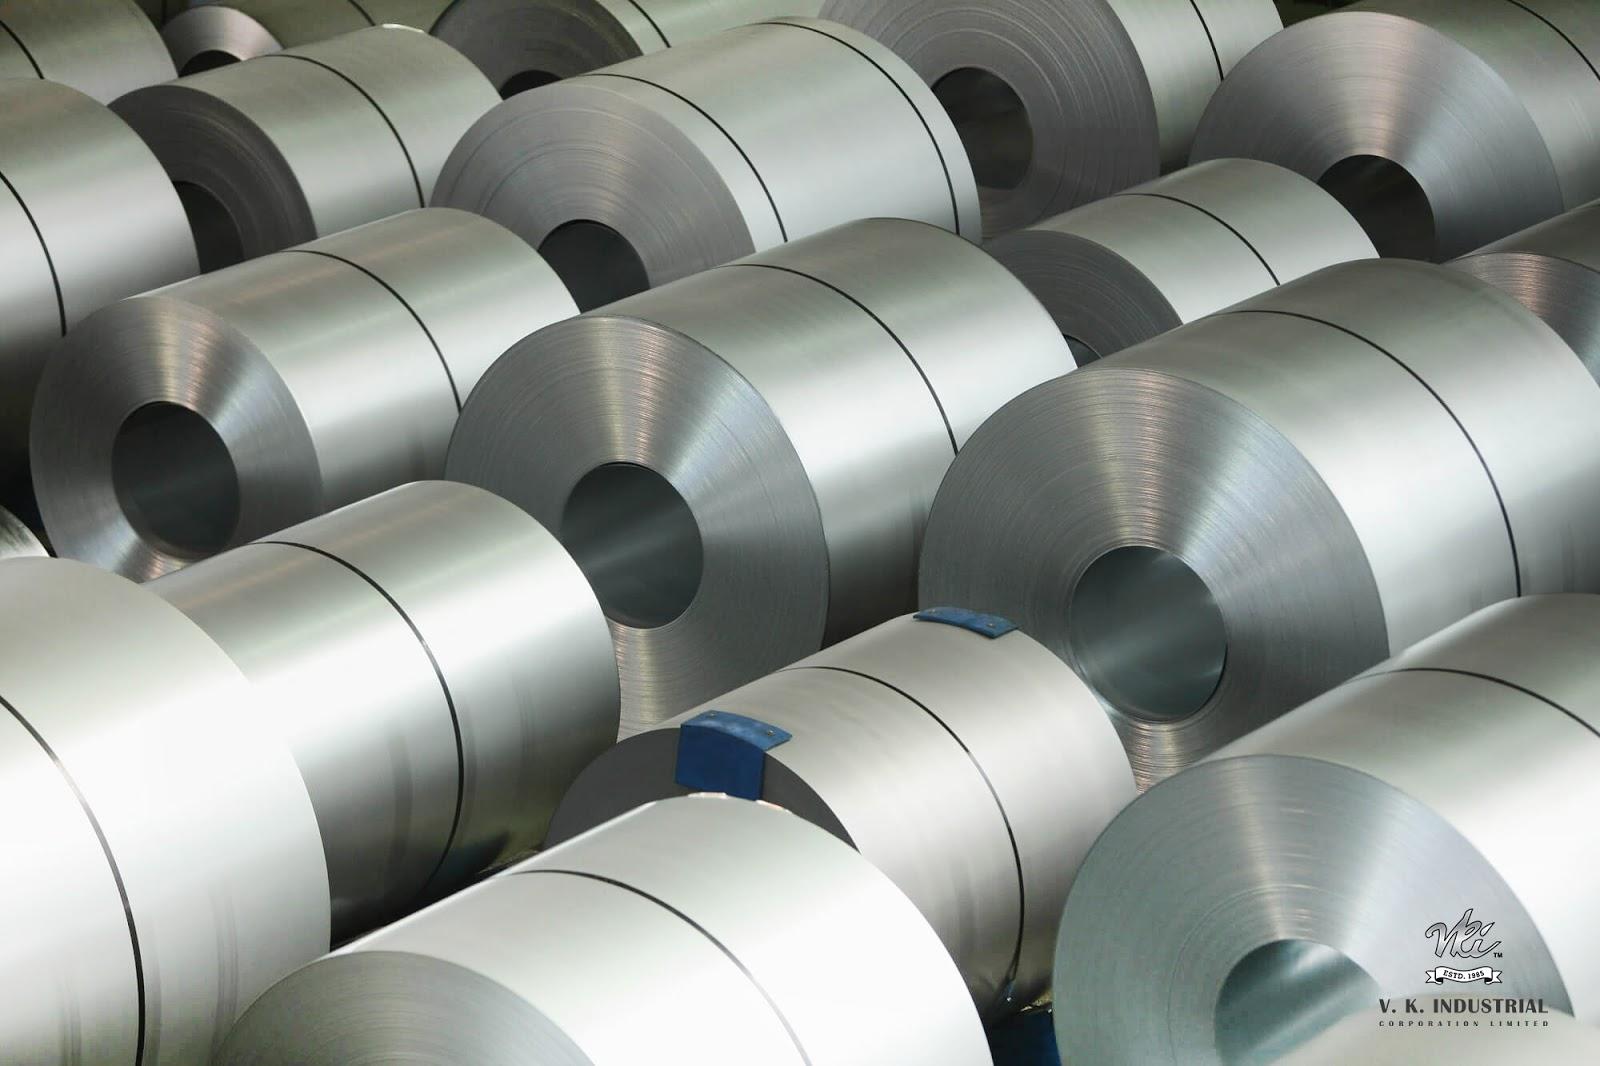 V K Industrial Corporation Ltd  Blogs: INDIAN STEEL SECTOR